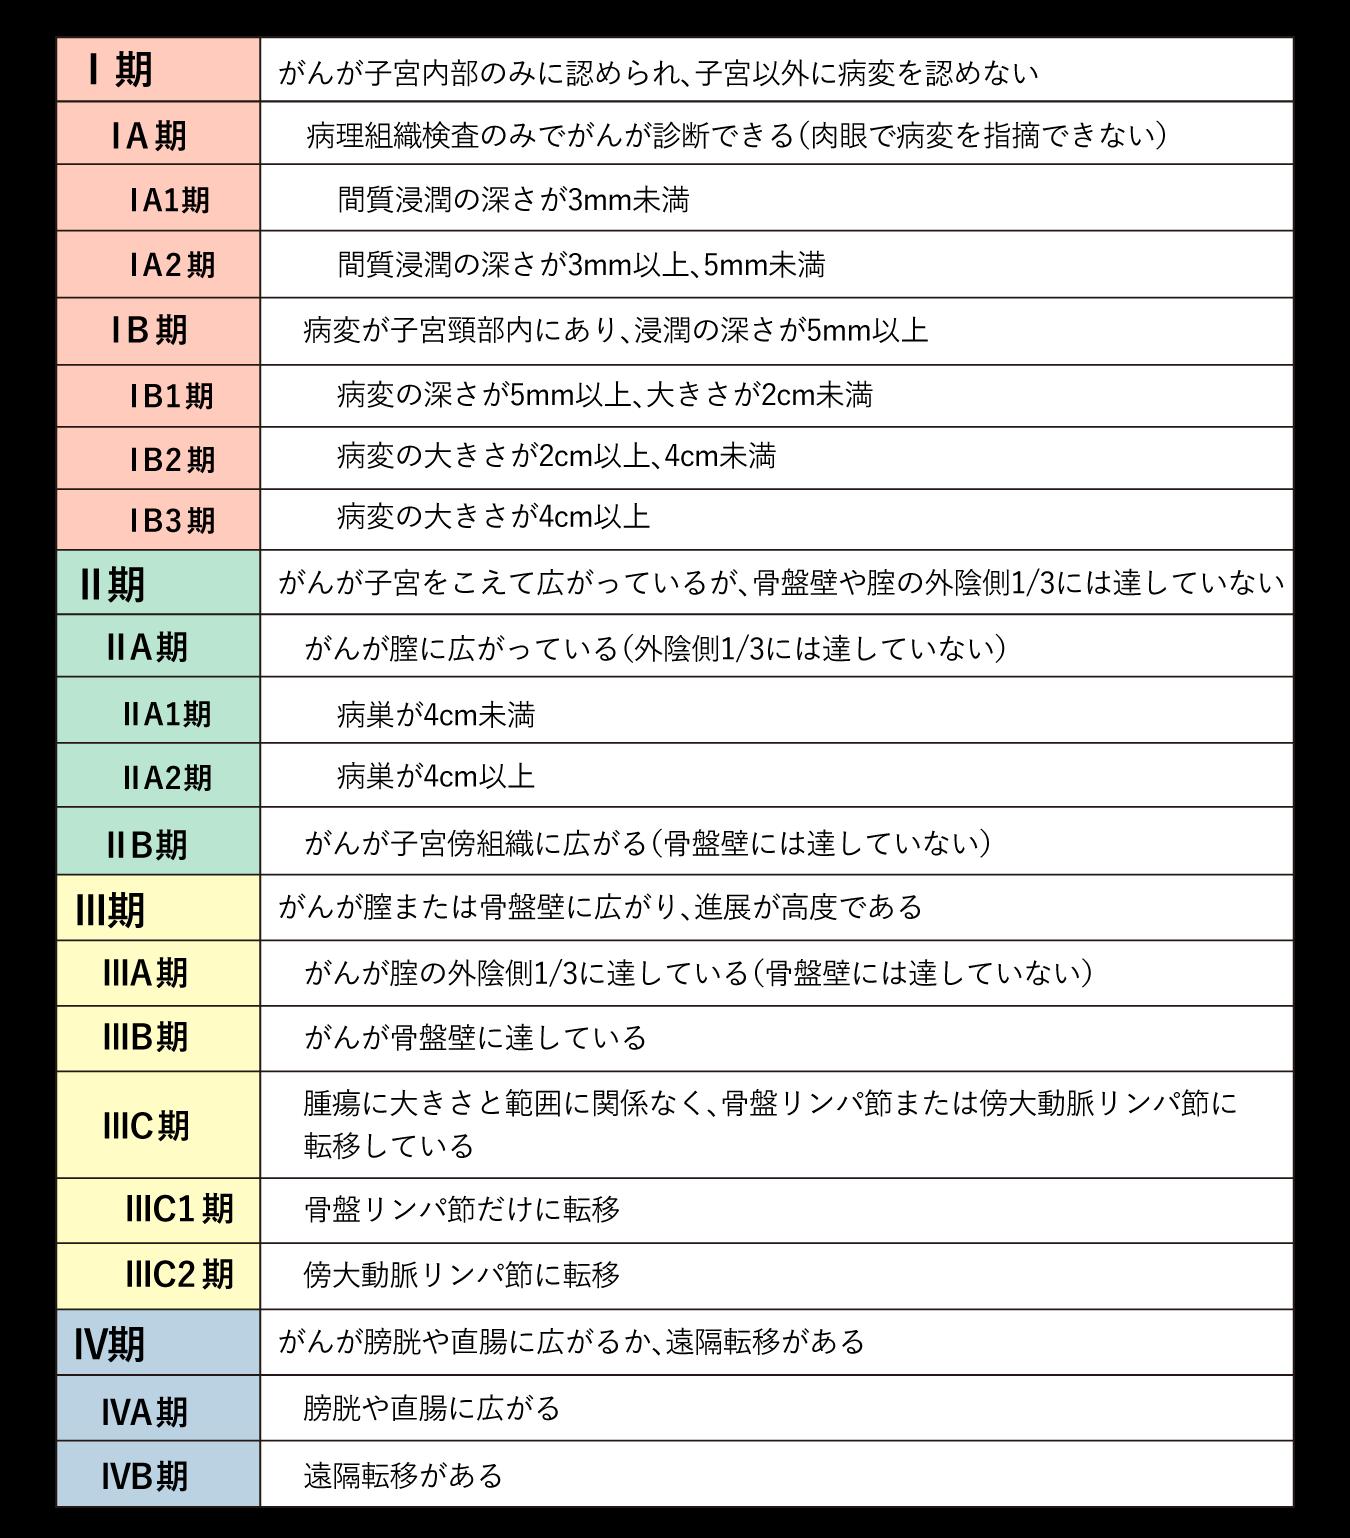 子宮頸がん進行期分類(FIGO2018)